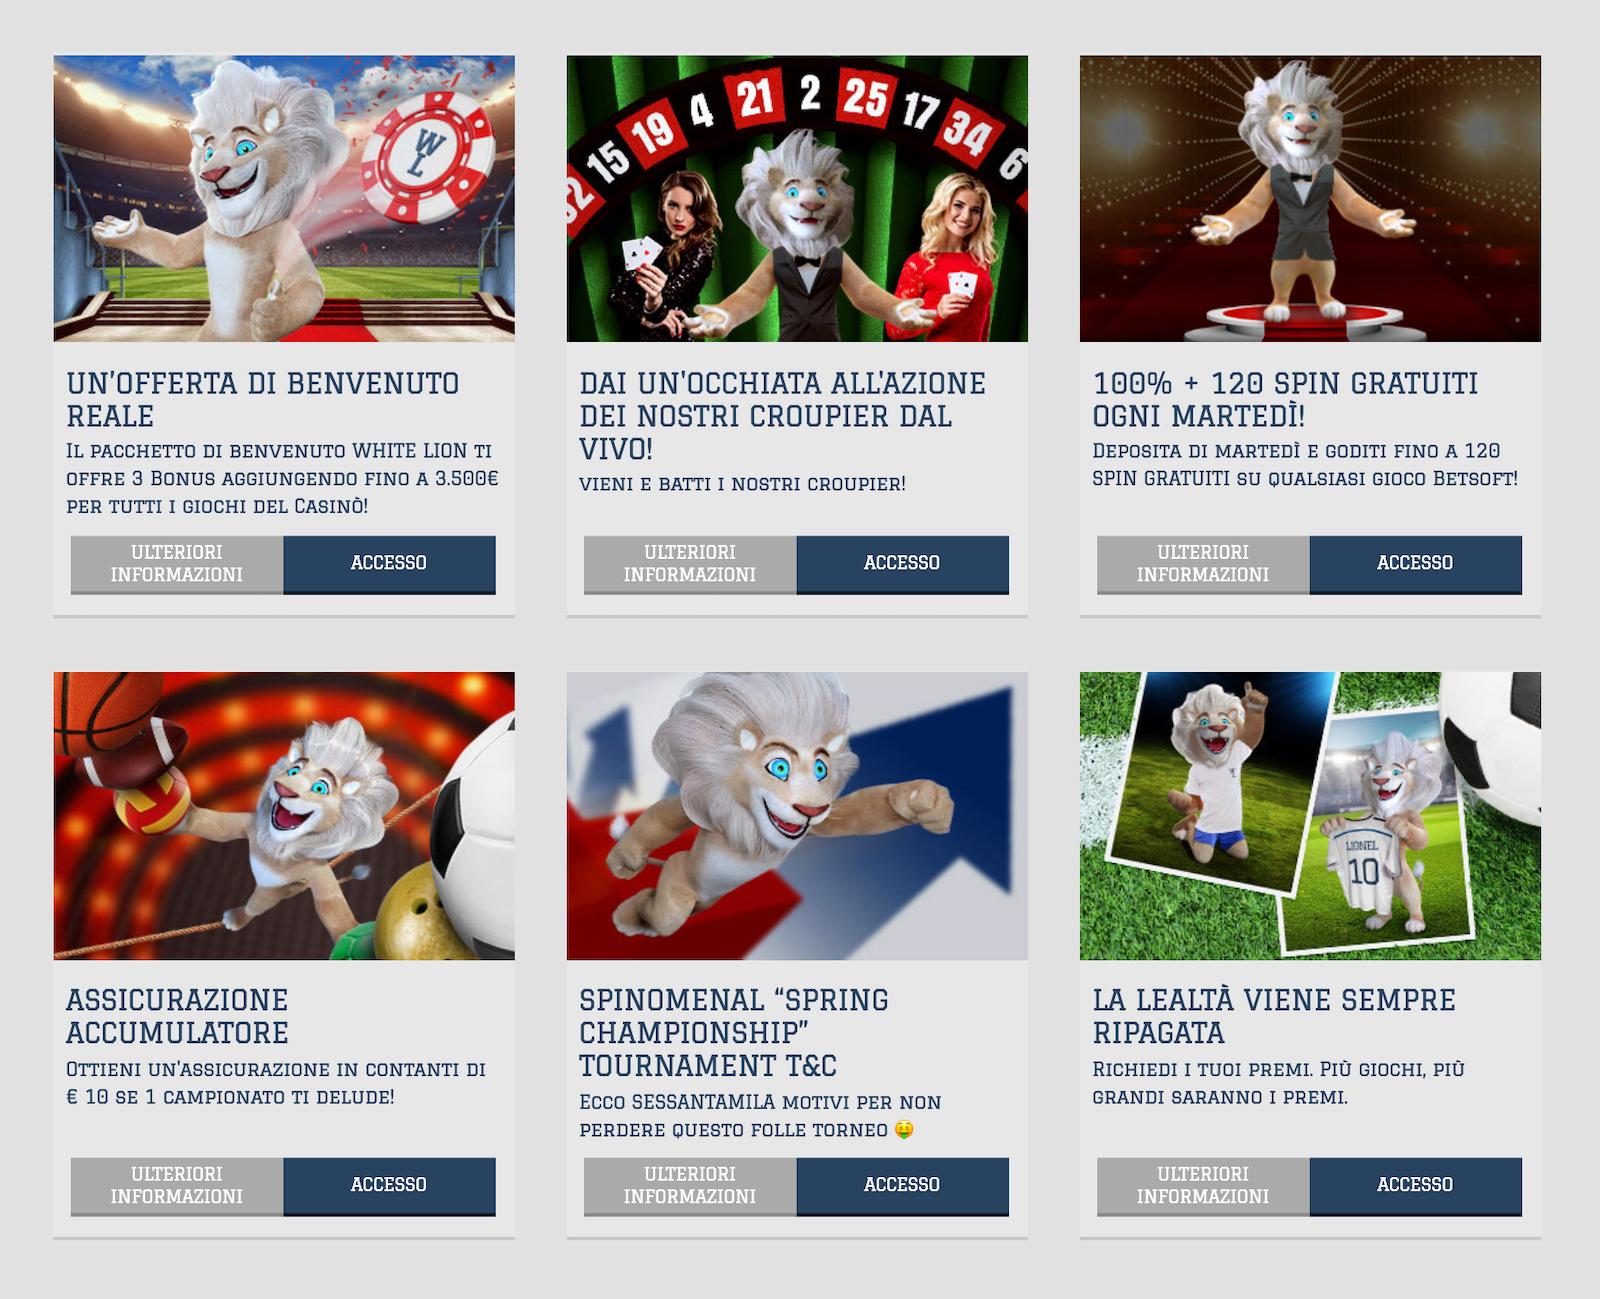 come iniziare a giocare al casinò online white lion bet